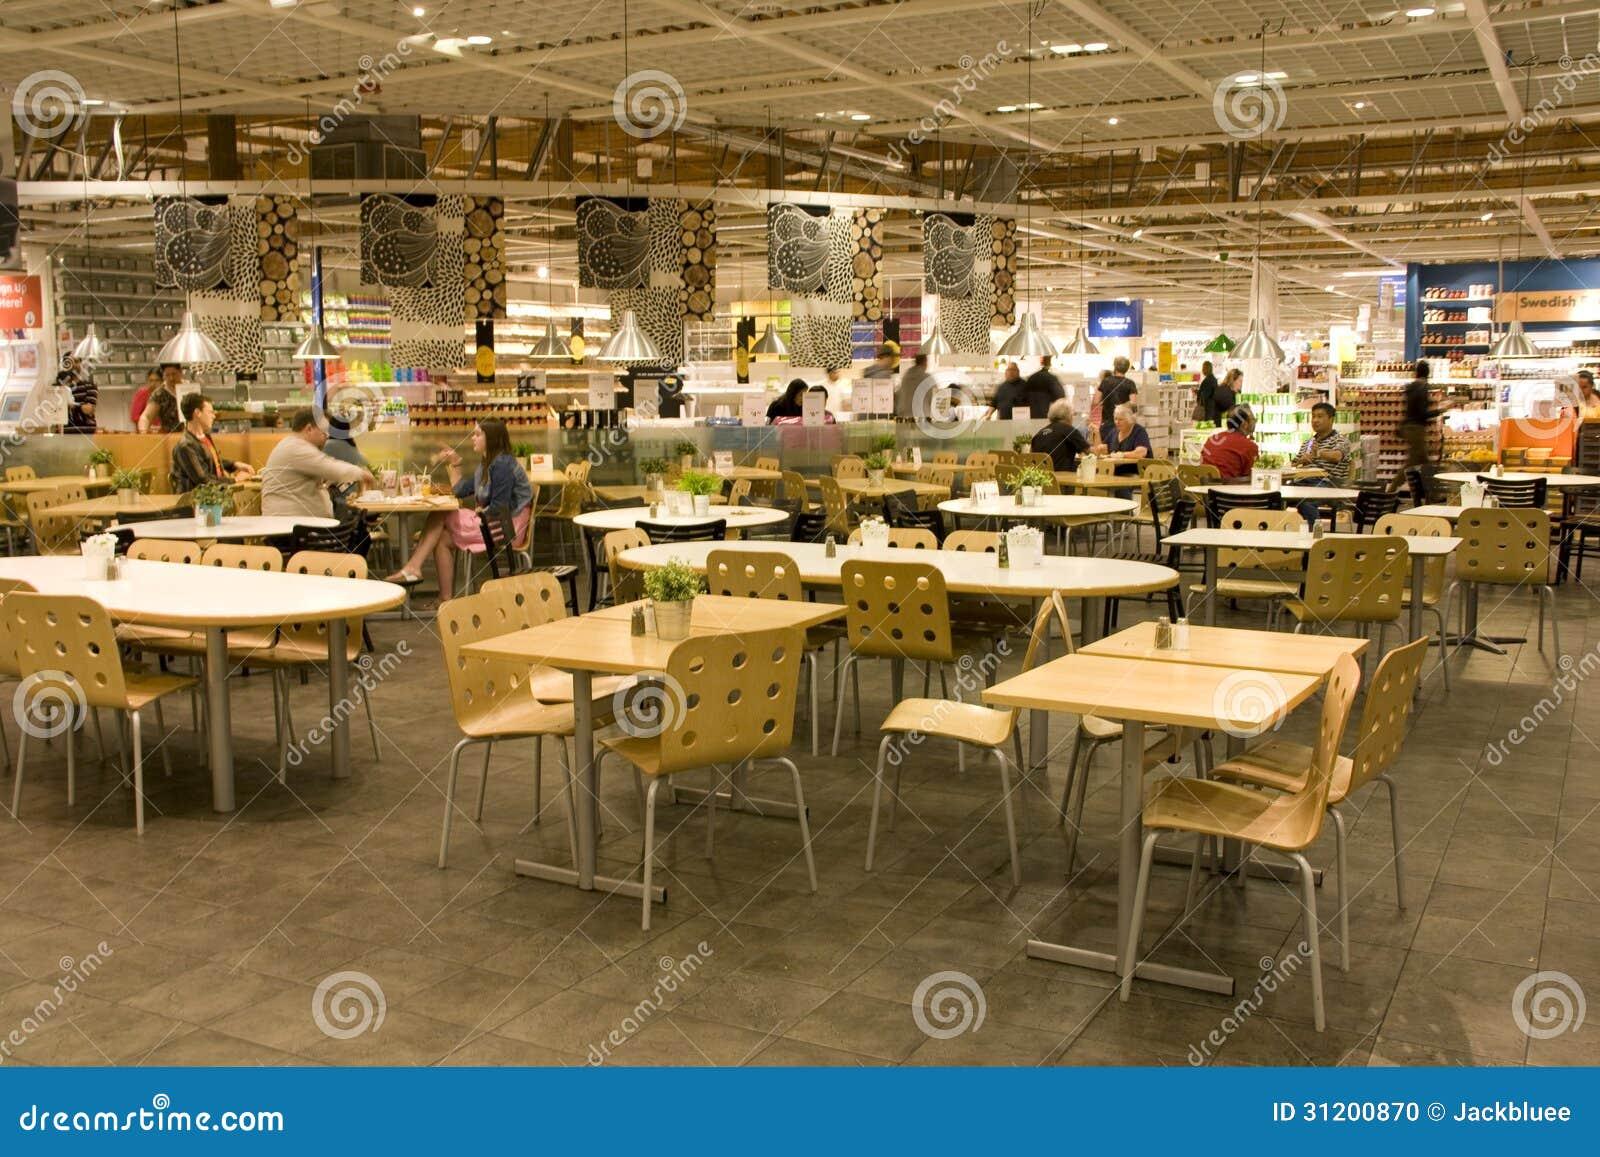 food court editorial image image 31200870. Black Bedroom Furniture Sets. Home Design Ideas